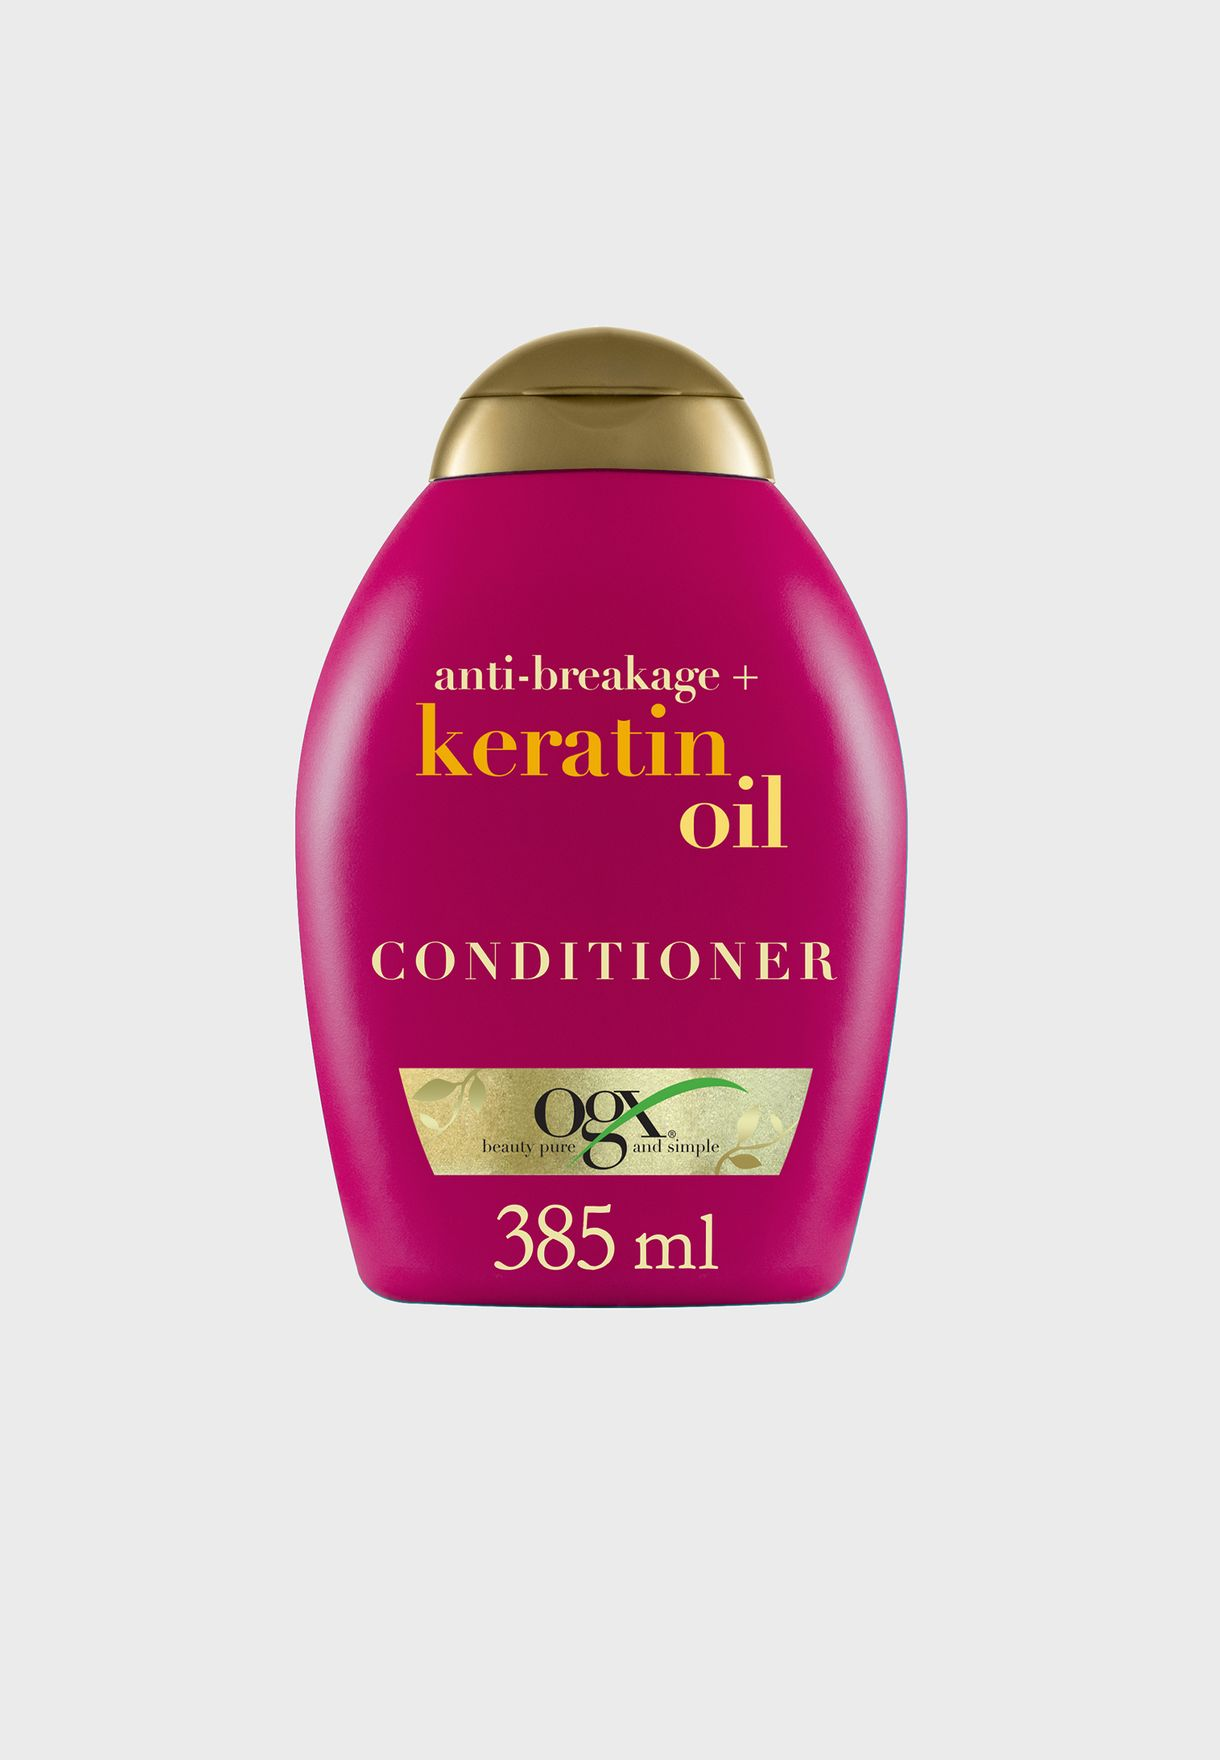 بلسم مقاوم لتكسر الشعر بزيت الكيراتين - 385 مل